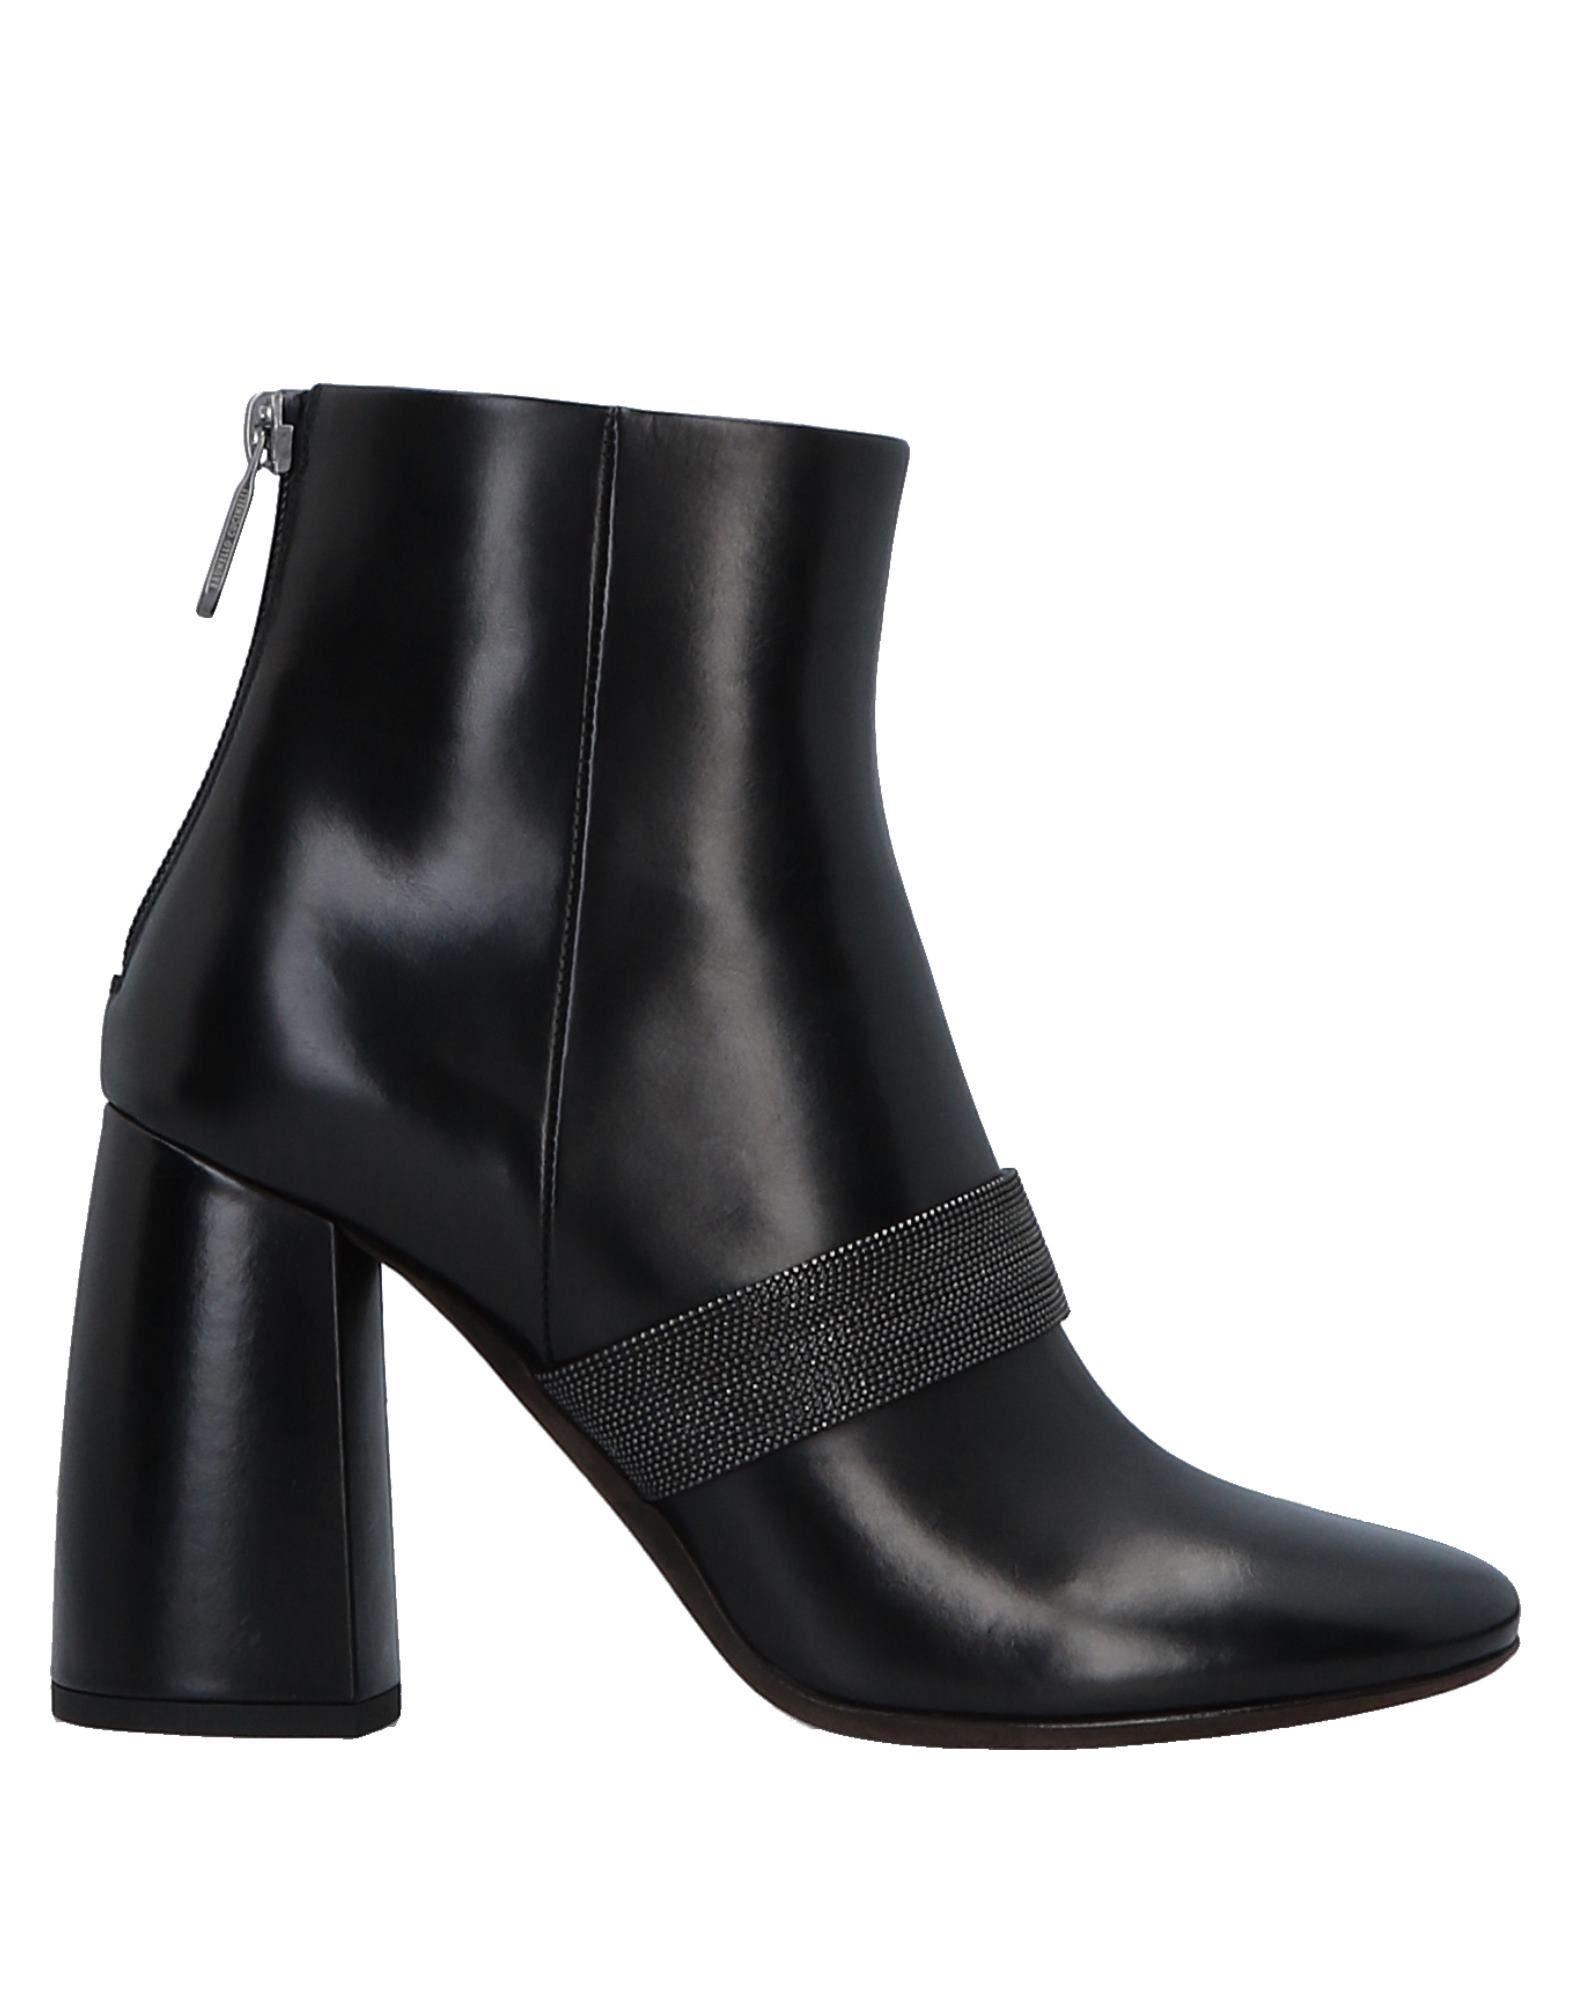 Brunello Cucinelli Stiefelette Damen  11516127BGGünstige gut aussehende Schuhe